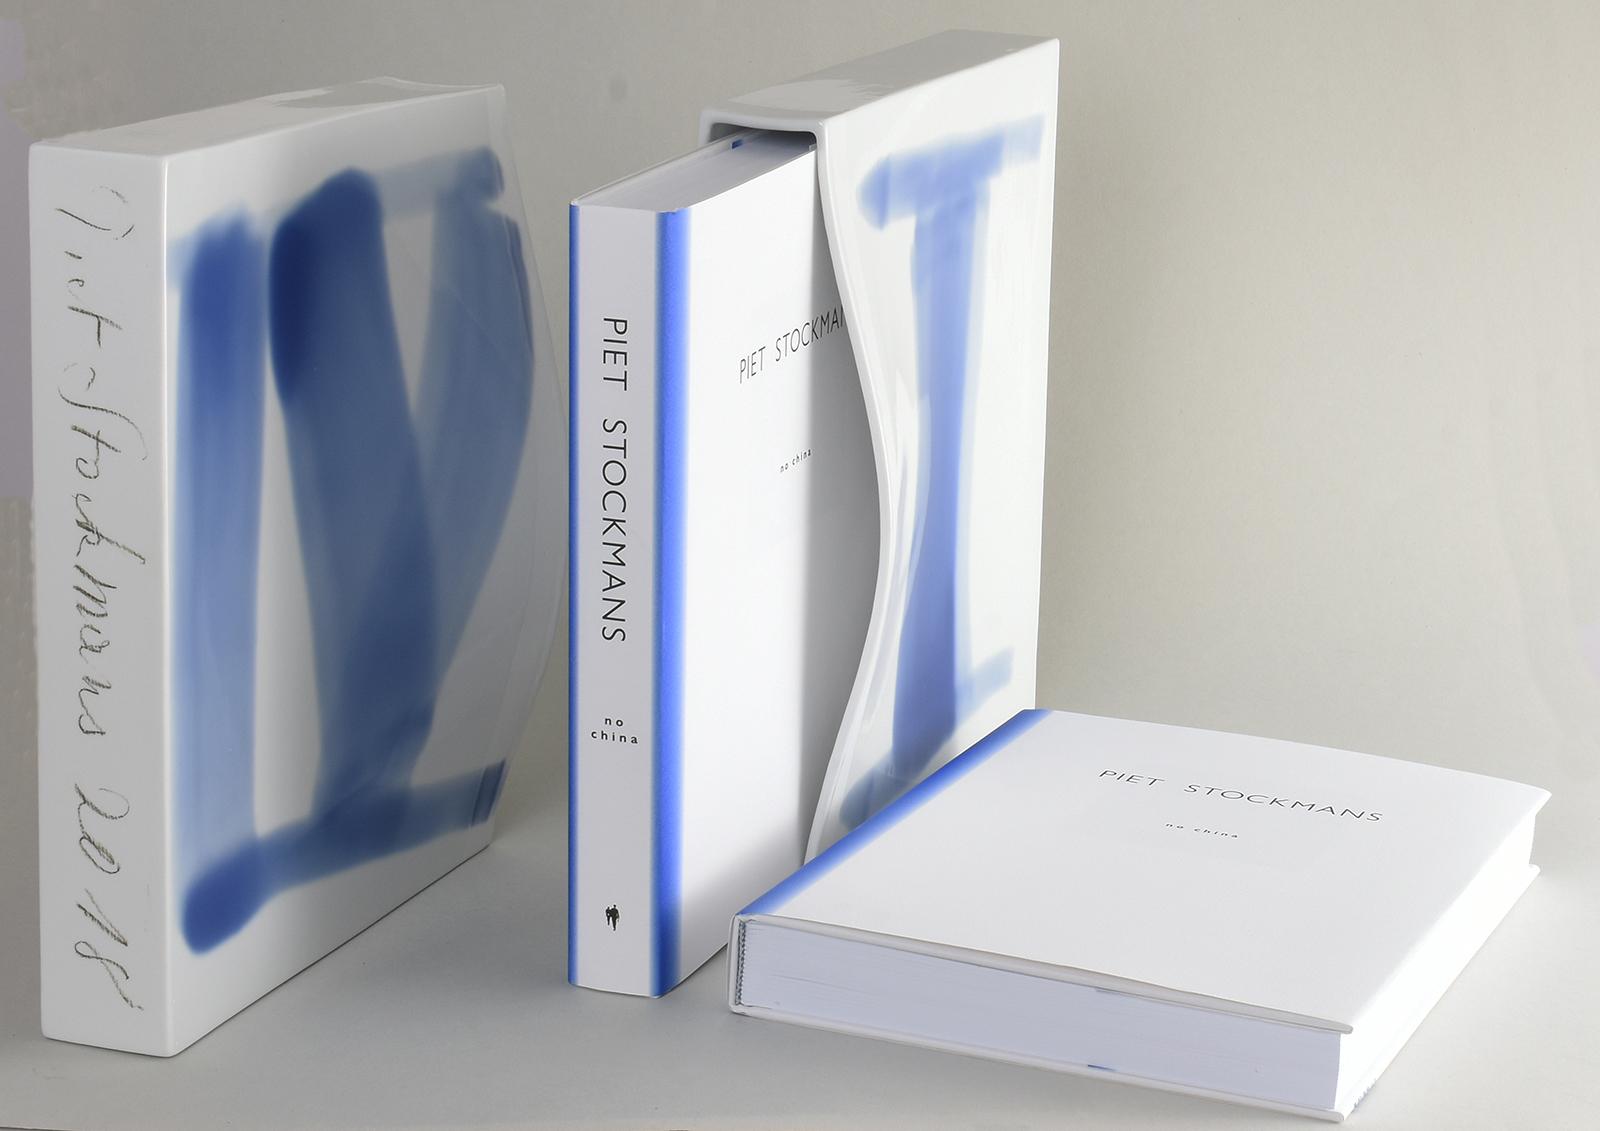 Porcelain Case with Book. Each case has a unique roman number (I - C) which makes them Unique.